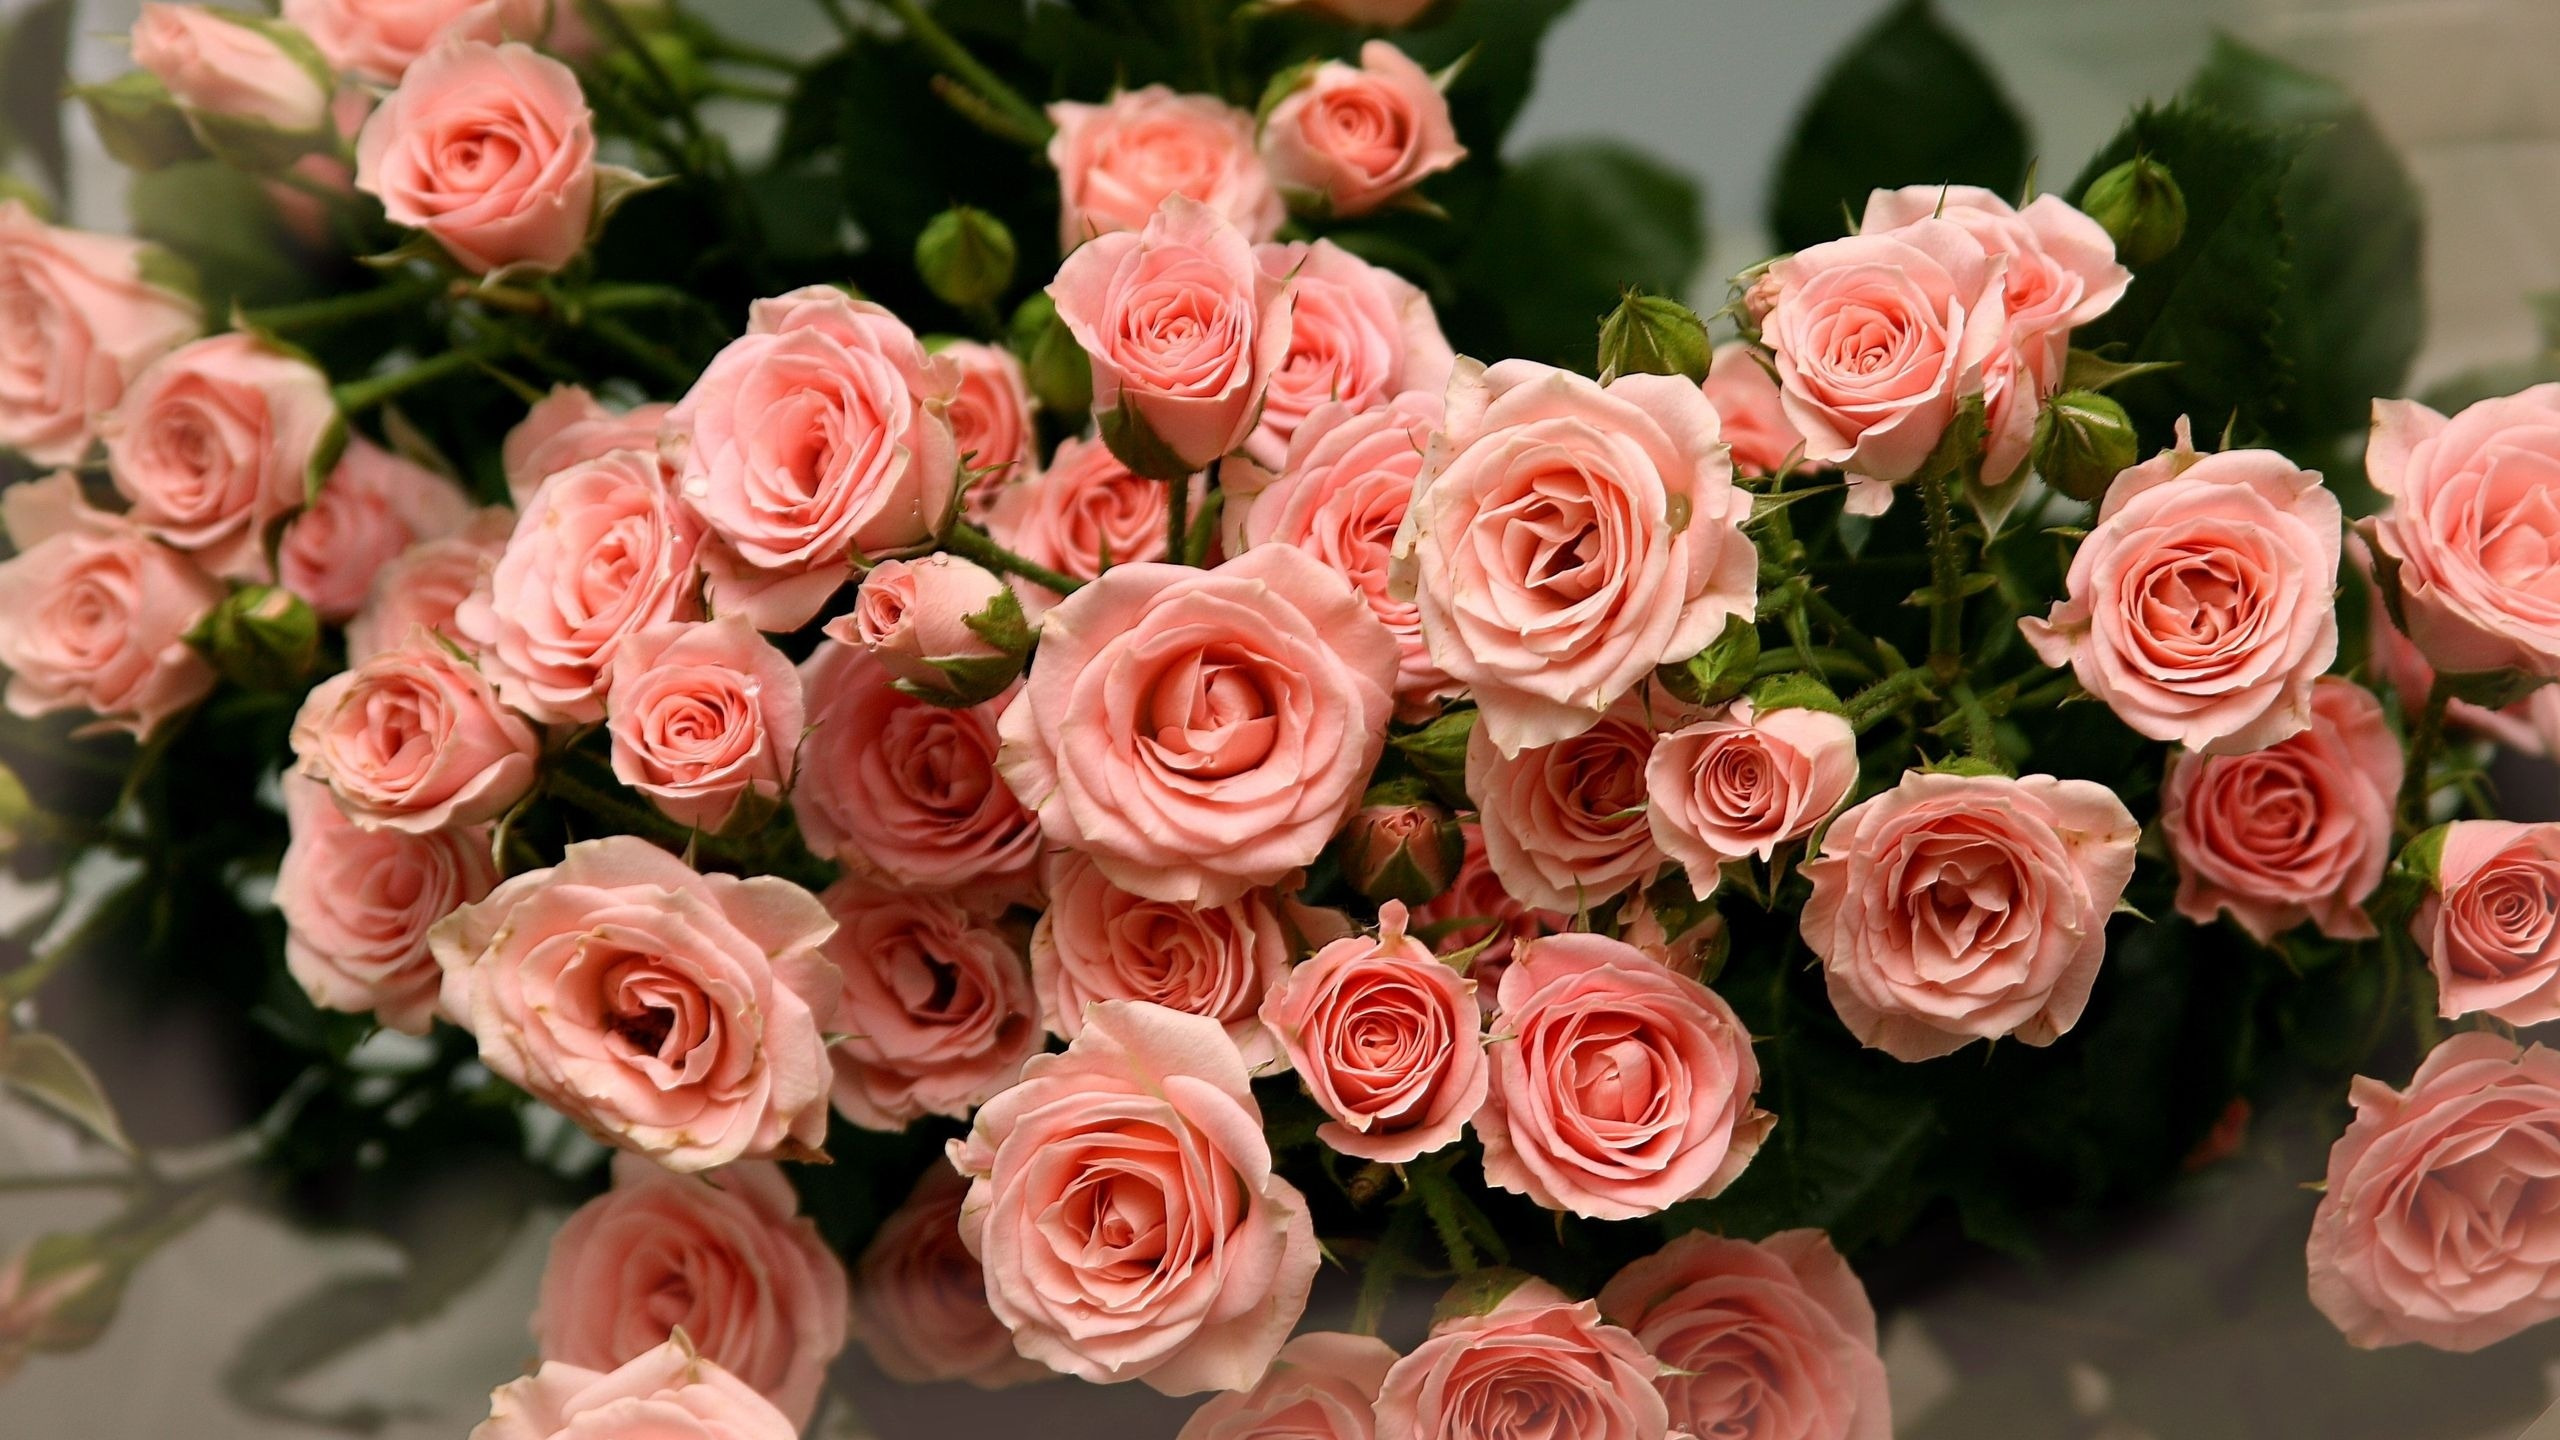 Марта, картинки роз на рабочий стол красивые